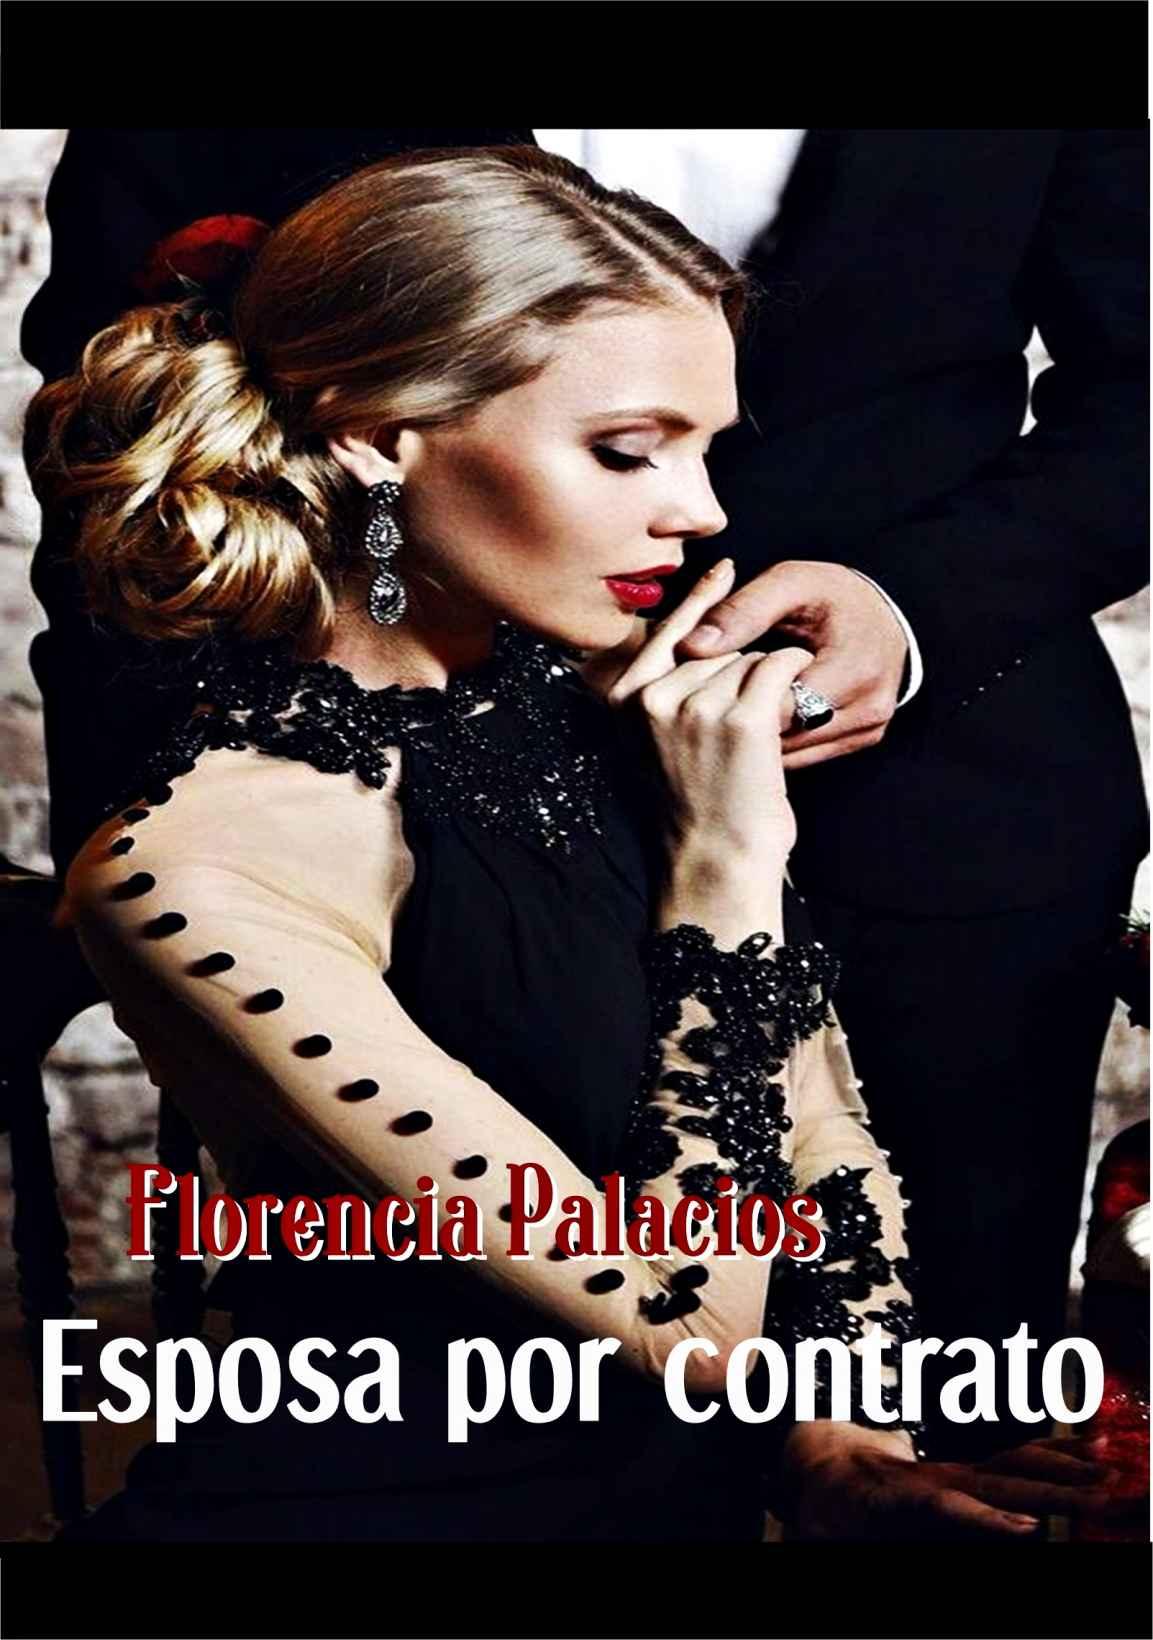 Esposa por contrato (Il diávolo nº 2) de Florencia Palacios